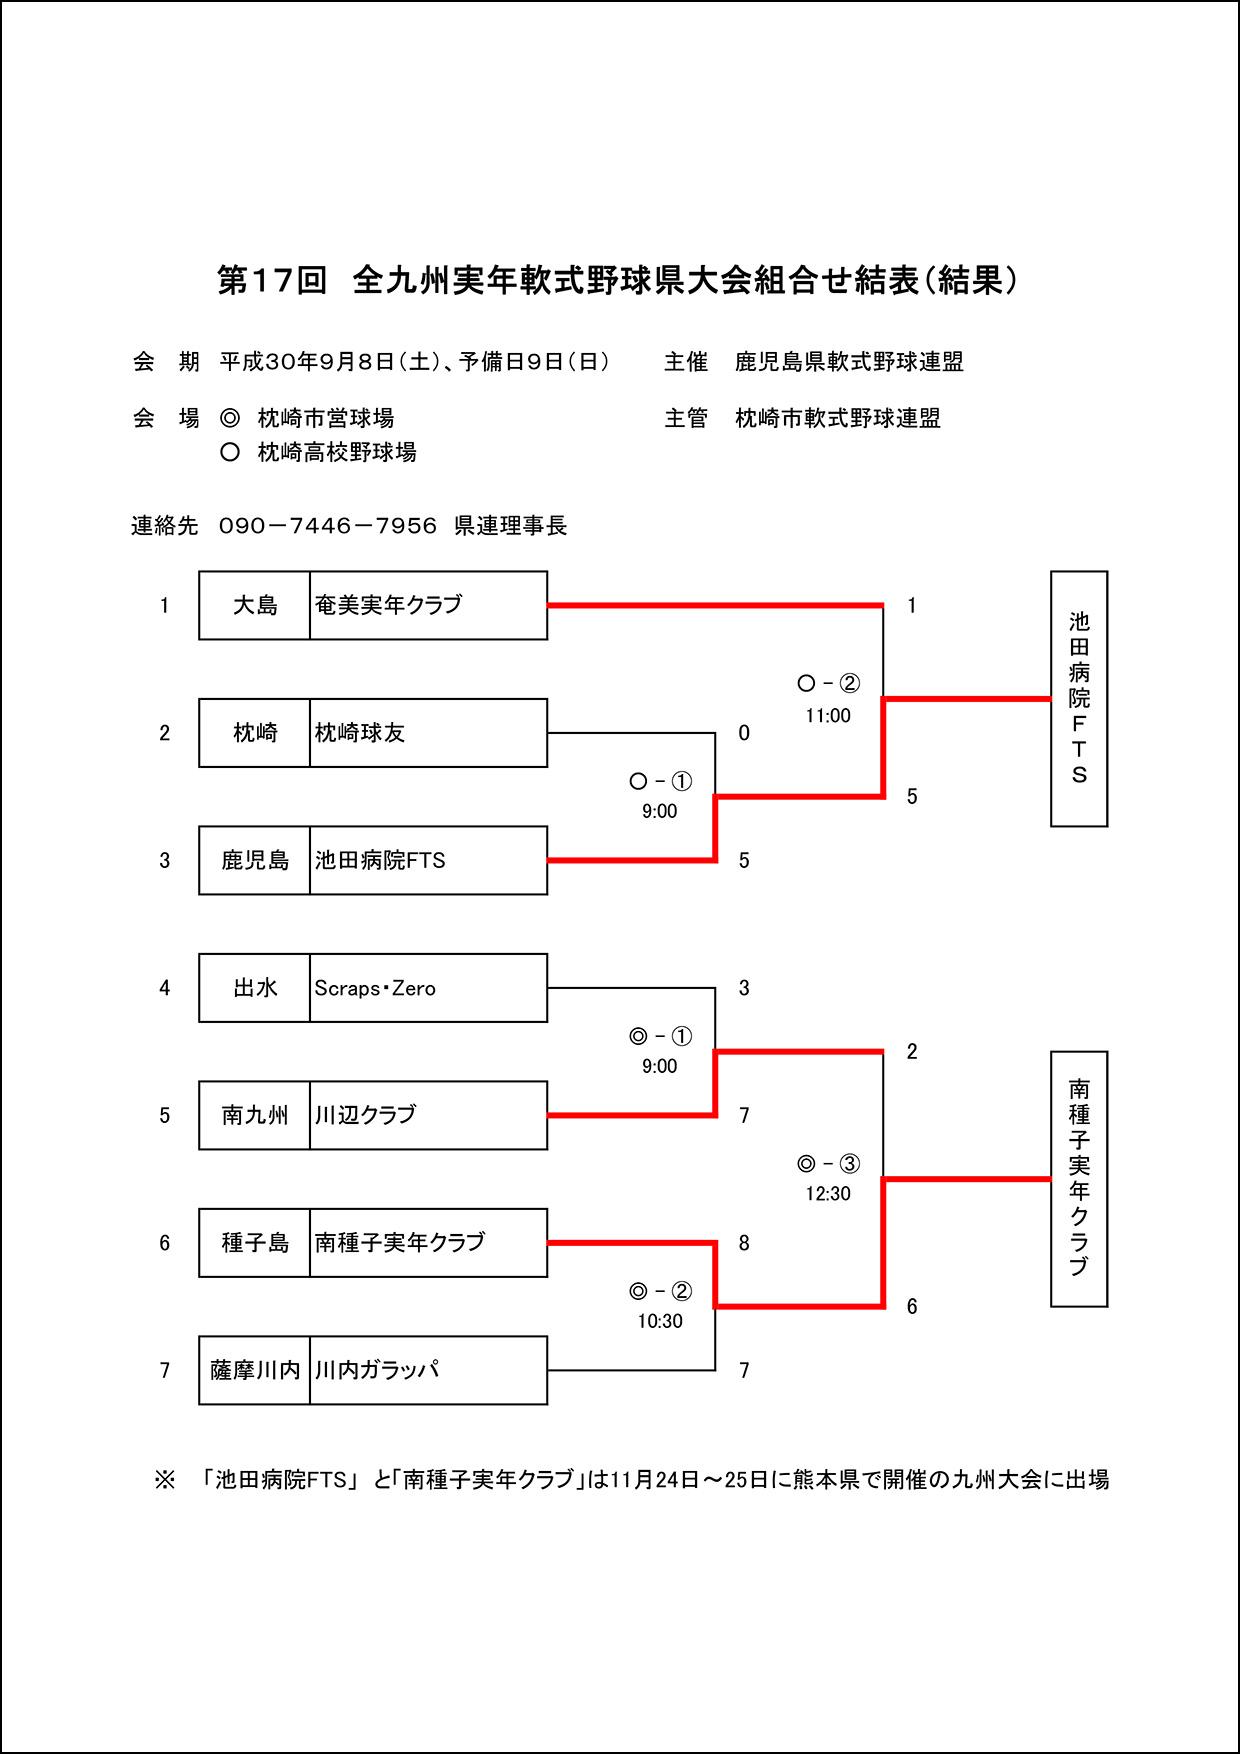 【結果】第17回全九州実年軟式野球県大会